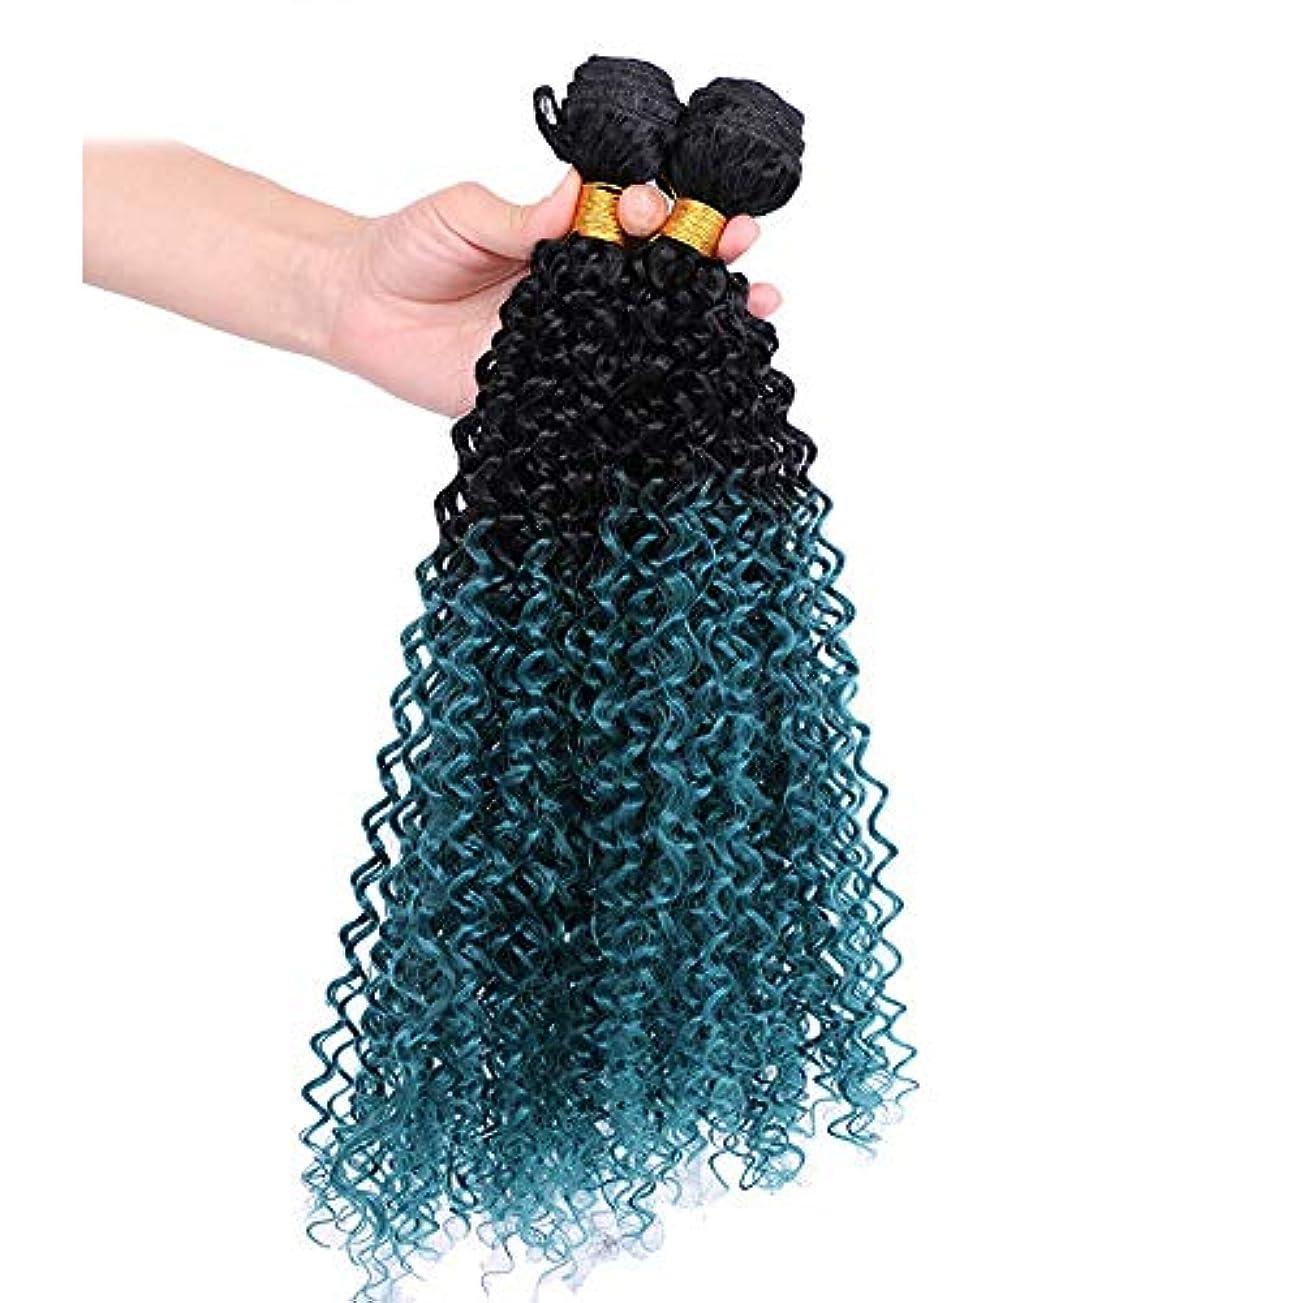 パントリー記念碑的な拡大するYAHONGOE 3バンドルブルーカーリー総合ヘアエクステンション女性のコスプレパーティードレス合成髪レースかつらロールプレイングかつらロングとショート女性自然 (色 : 青, サイズ : 22inch)